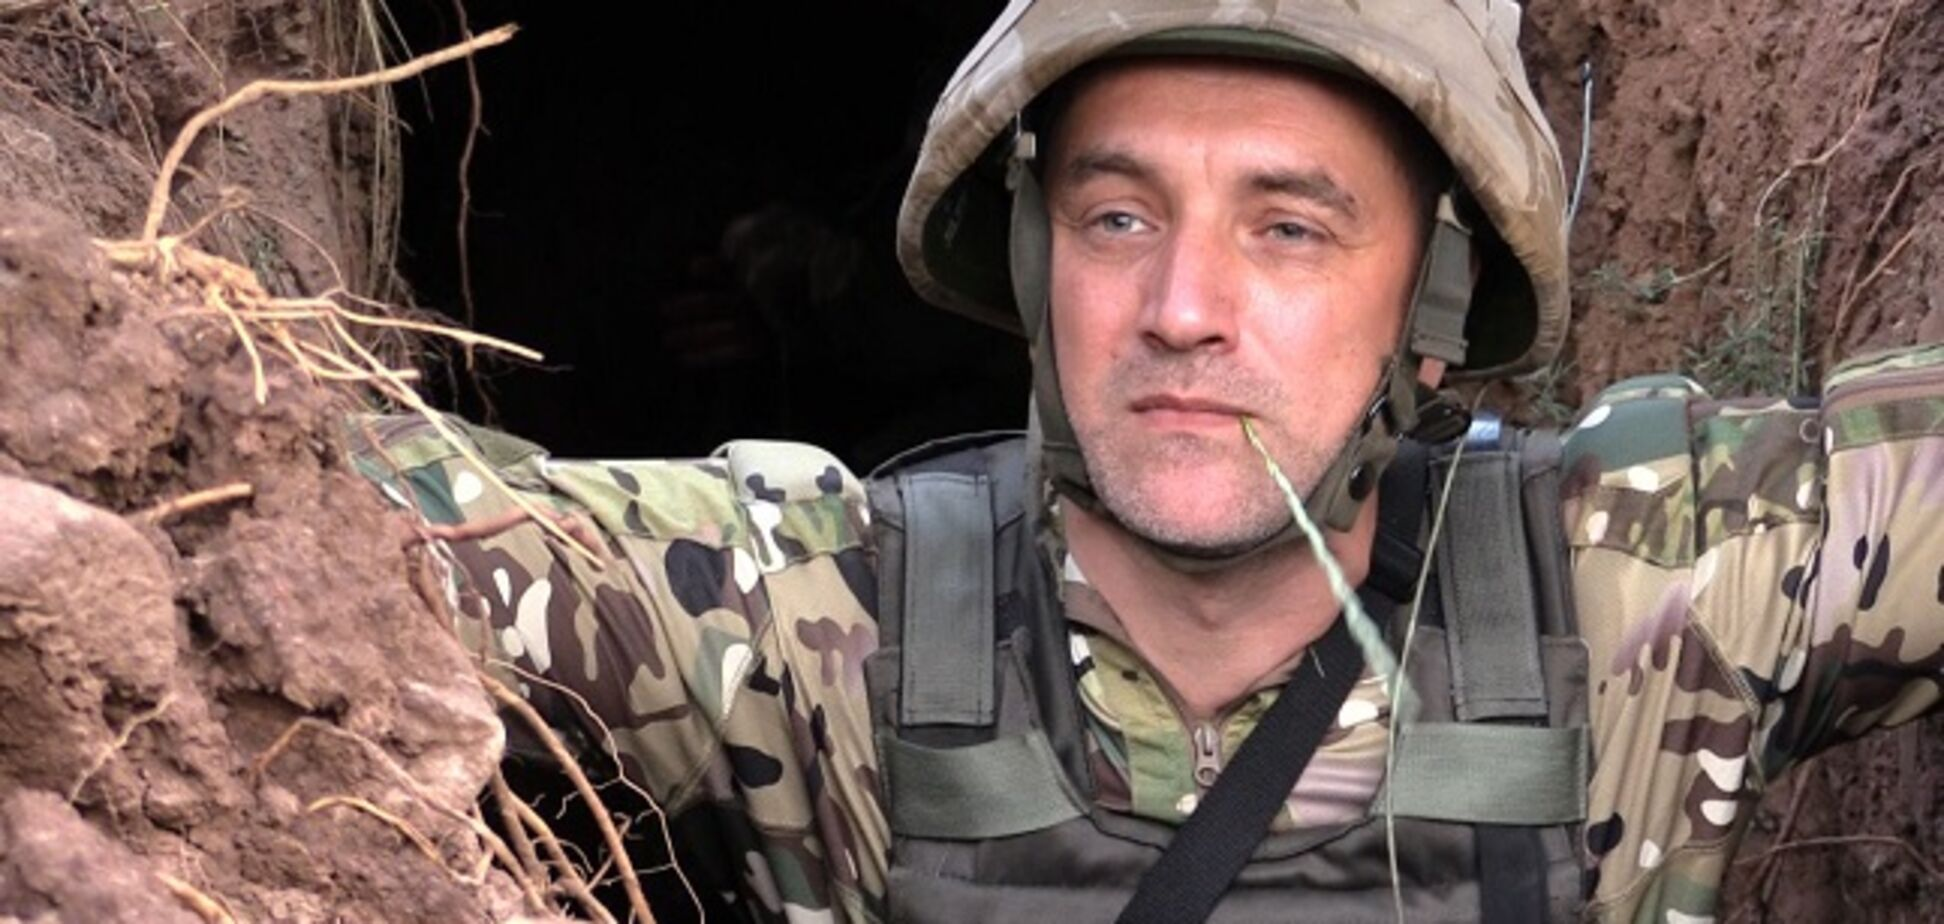 Піти довелося: екс-ватажок 'ДНР' зізнався, чому втік із України